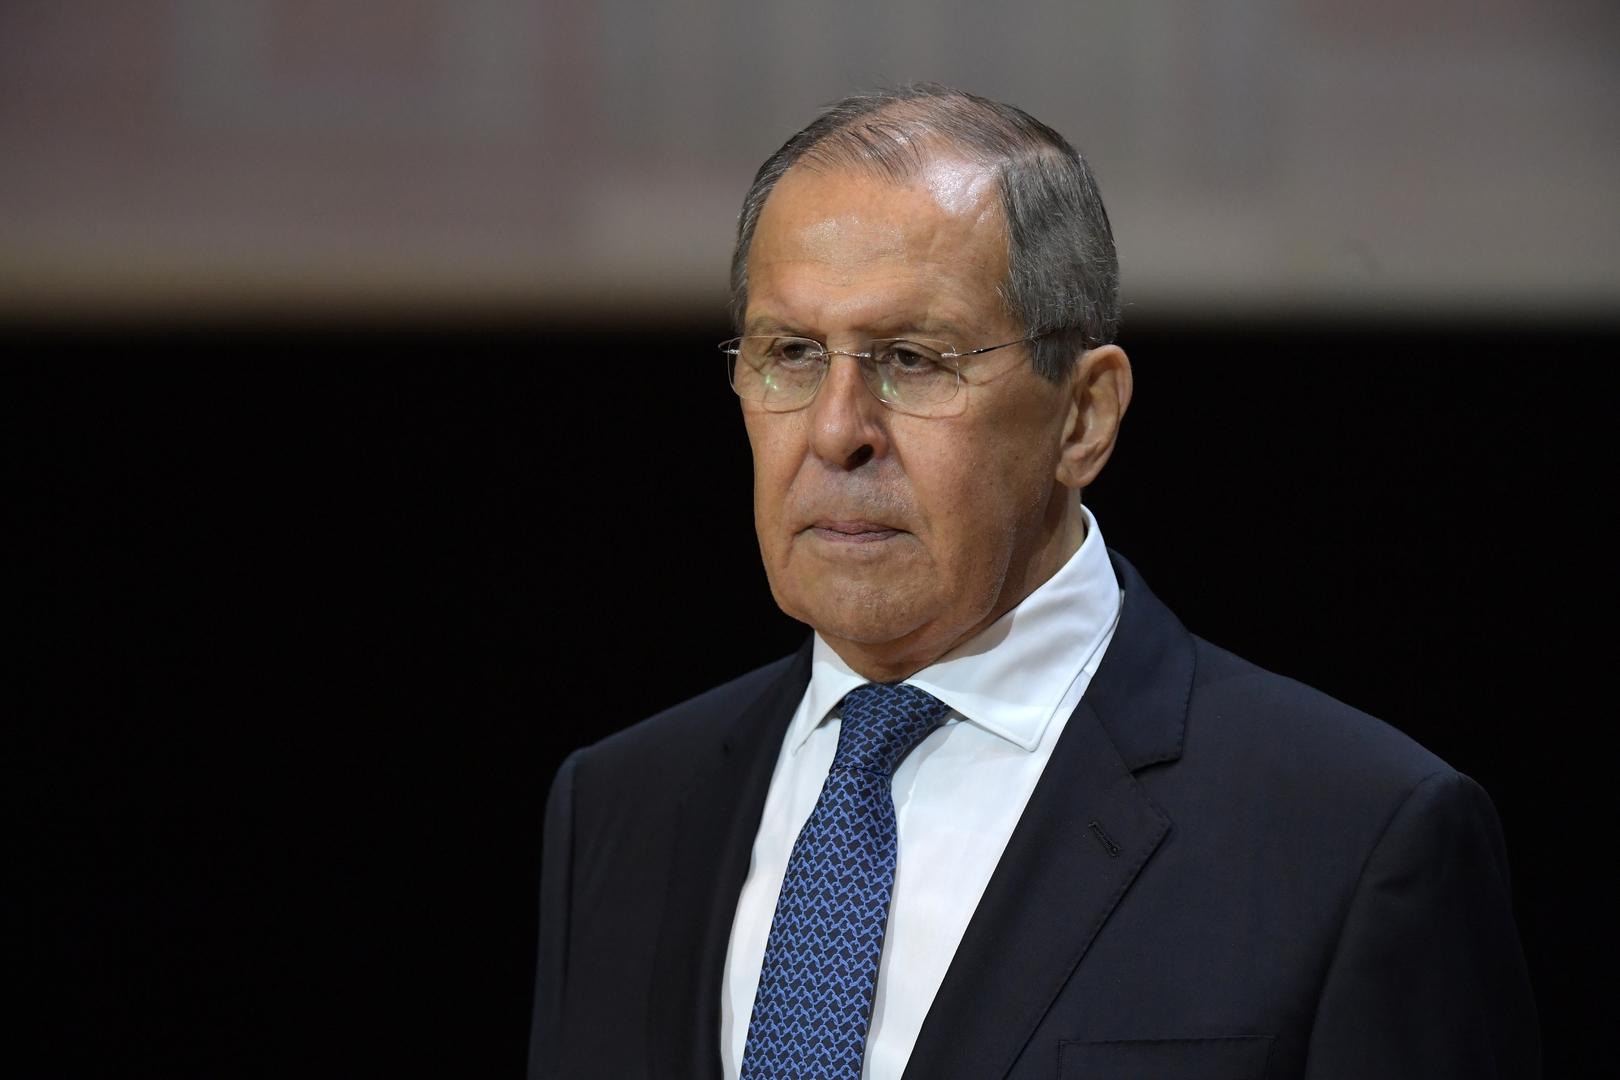 موسكو: لافروف سيلتقي وزراء خارجية فرنسا وبريطانيا بولندا وسوريا ومصر على هامش الجمعية العامة